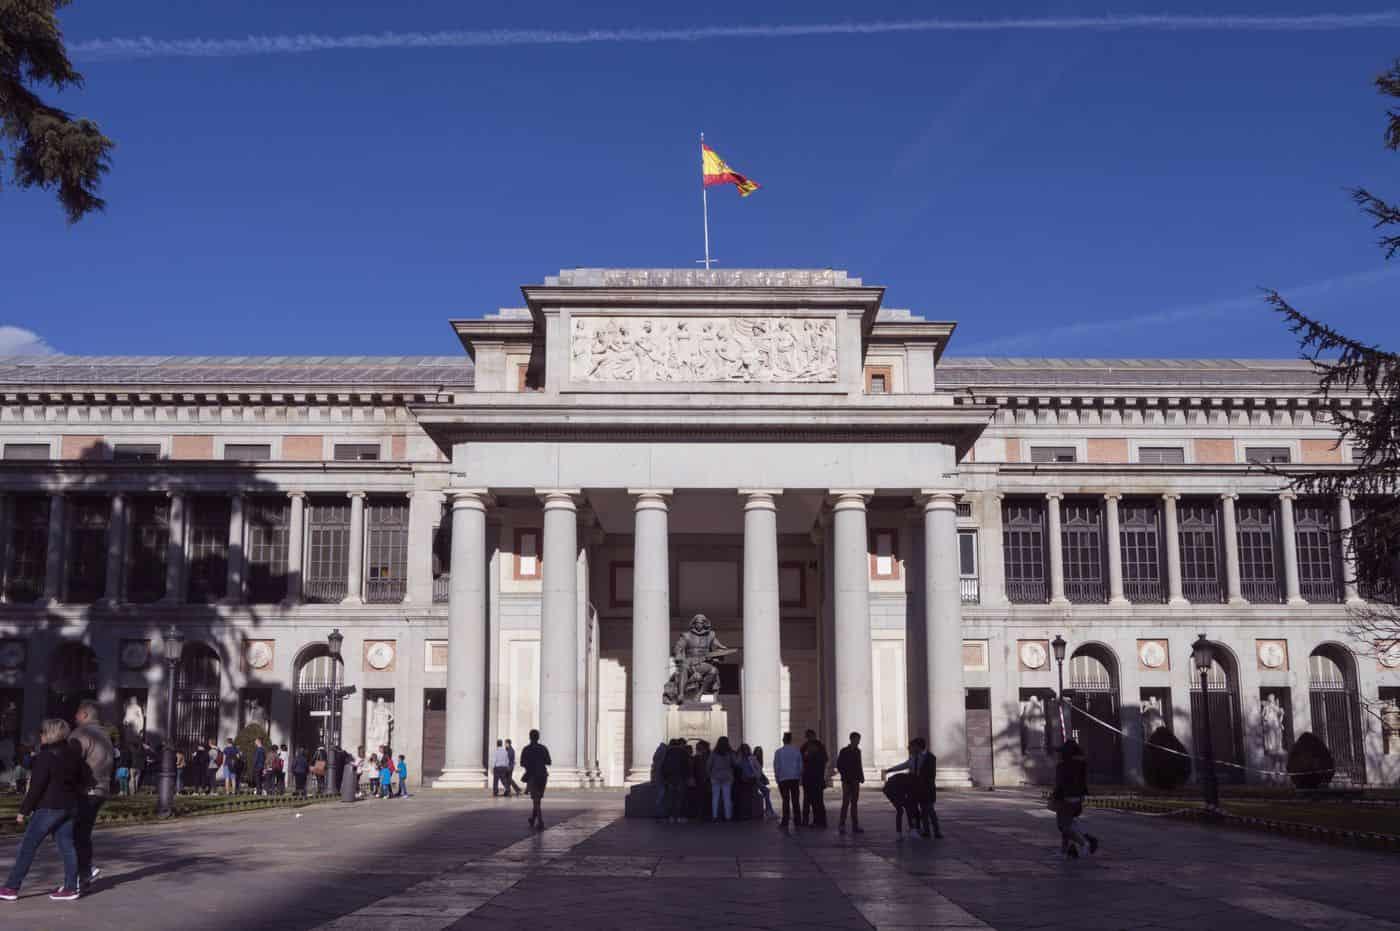 Madrid-Sehenswürdigkeiten – Haupteingang des Museo del Prado